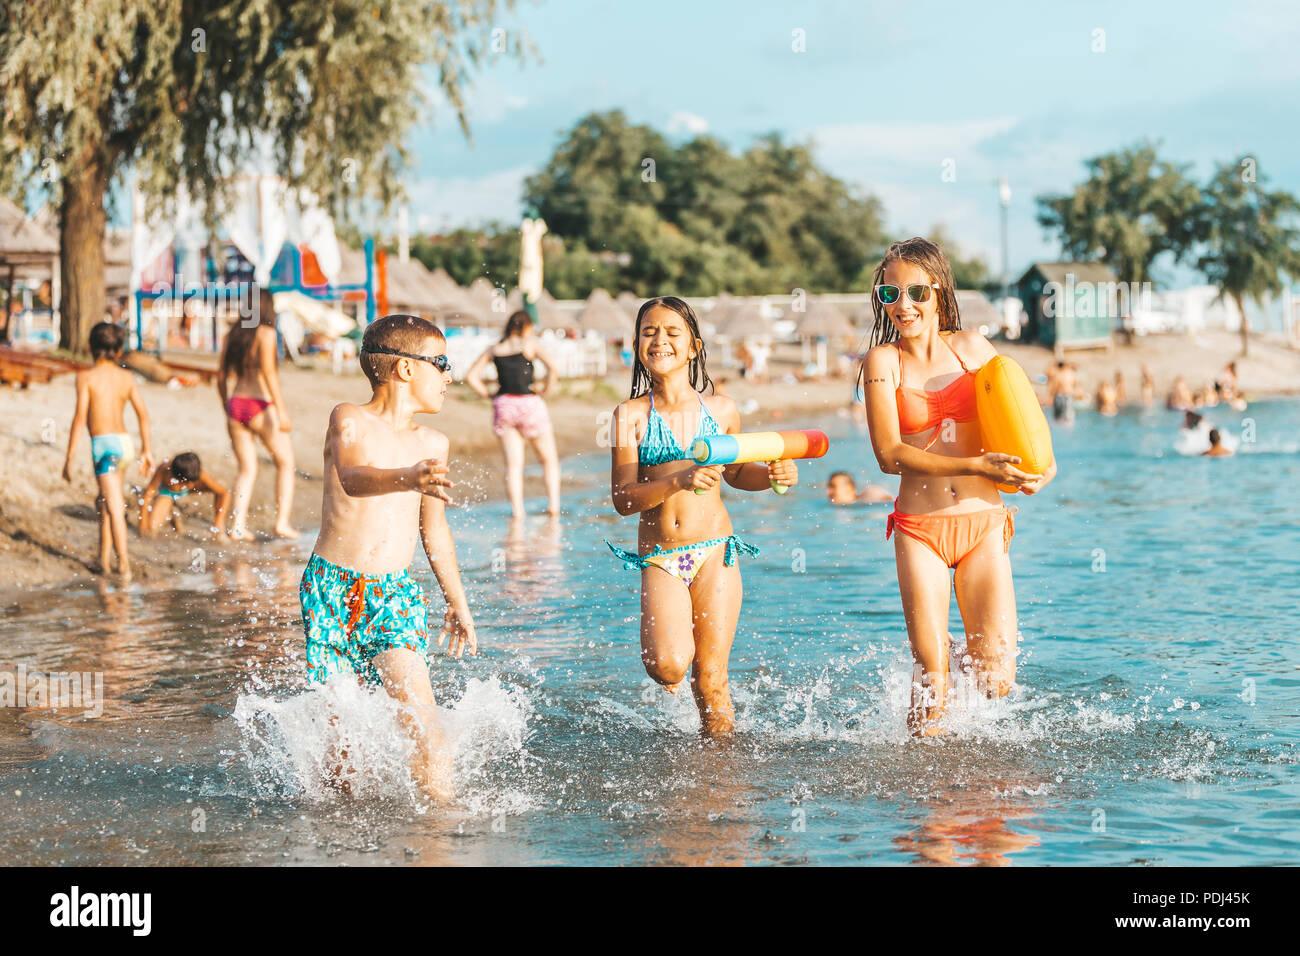 Glückliche Kinder spielen im Meer. Kinder Spaß im Freien. Sommer Urlaub und gesunden Lebensstil Konzept Stockbild